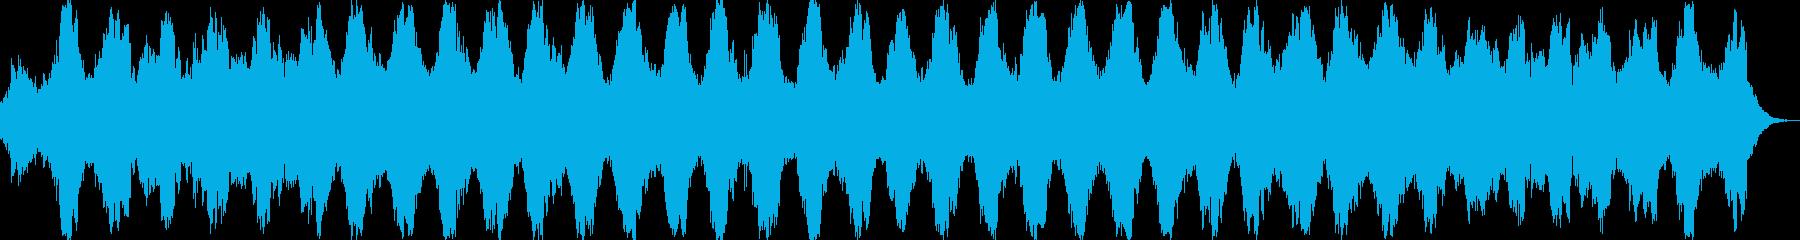 映画のサントラ、動画BGMに最適の再生済みの波形